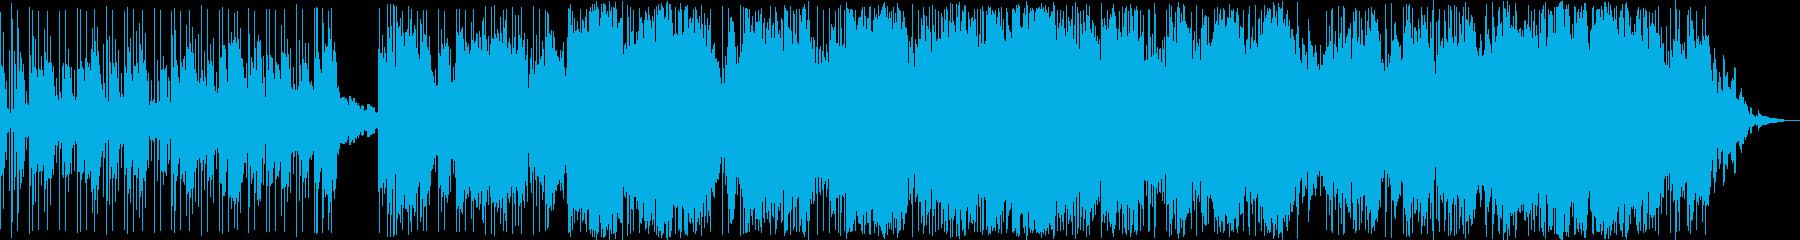 動画 サスペンス 技術的な 実験的...の再生済みの波形